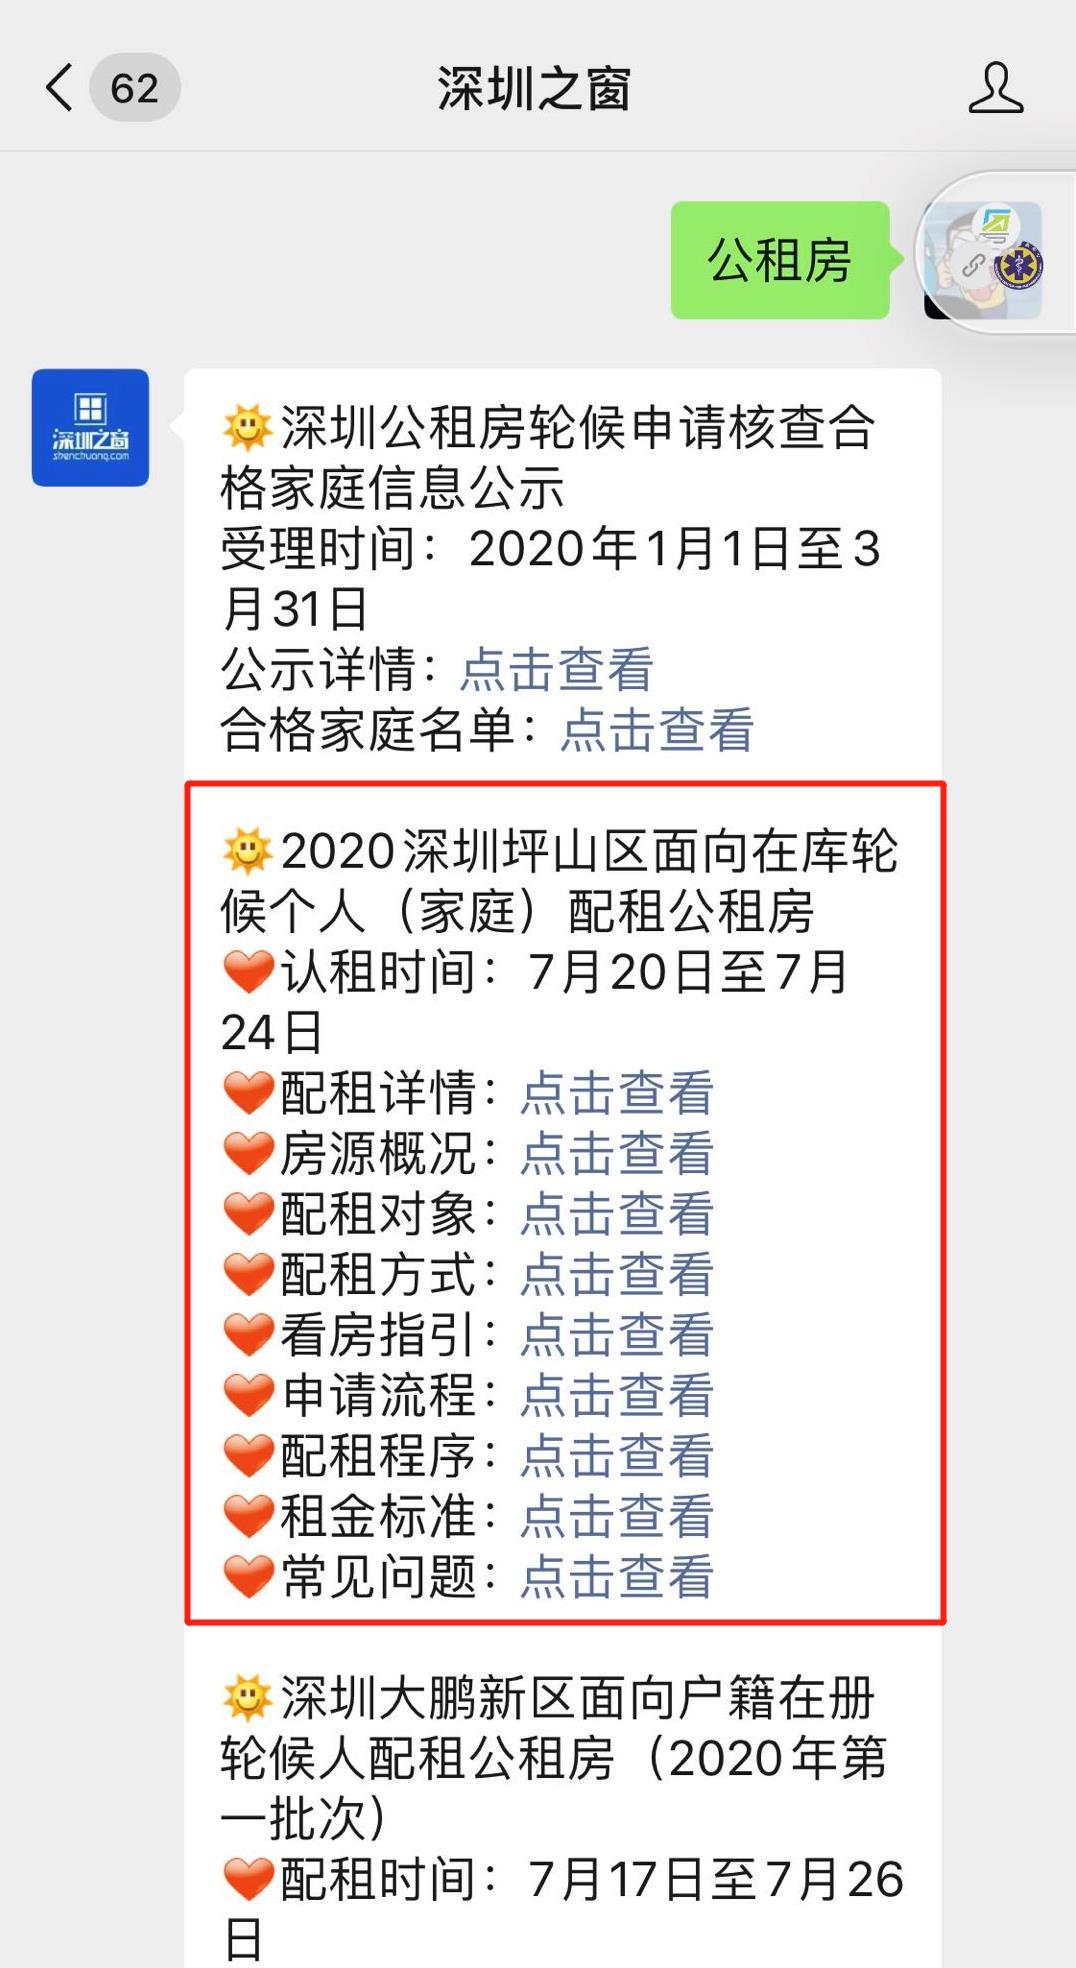 微信图片编辑_20200720145943.jpg